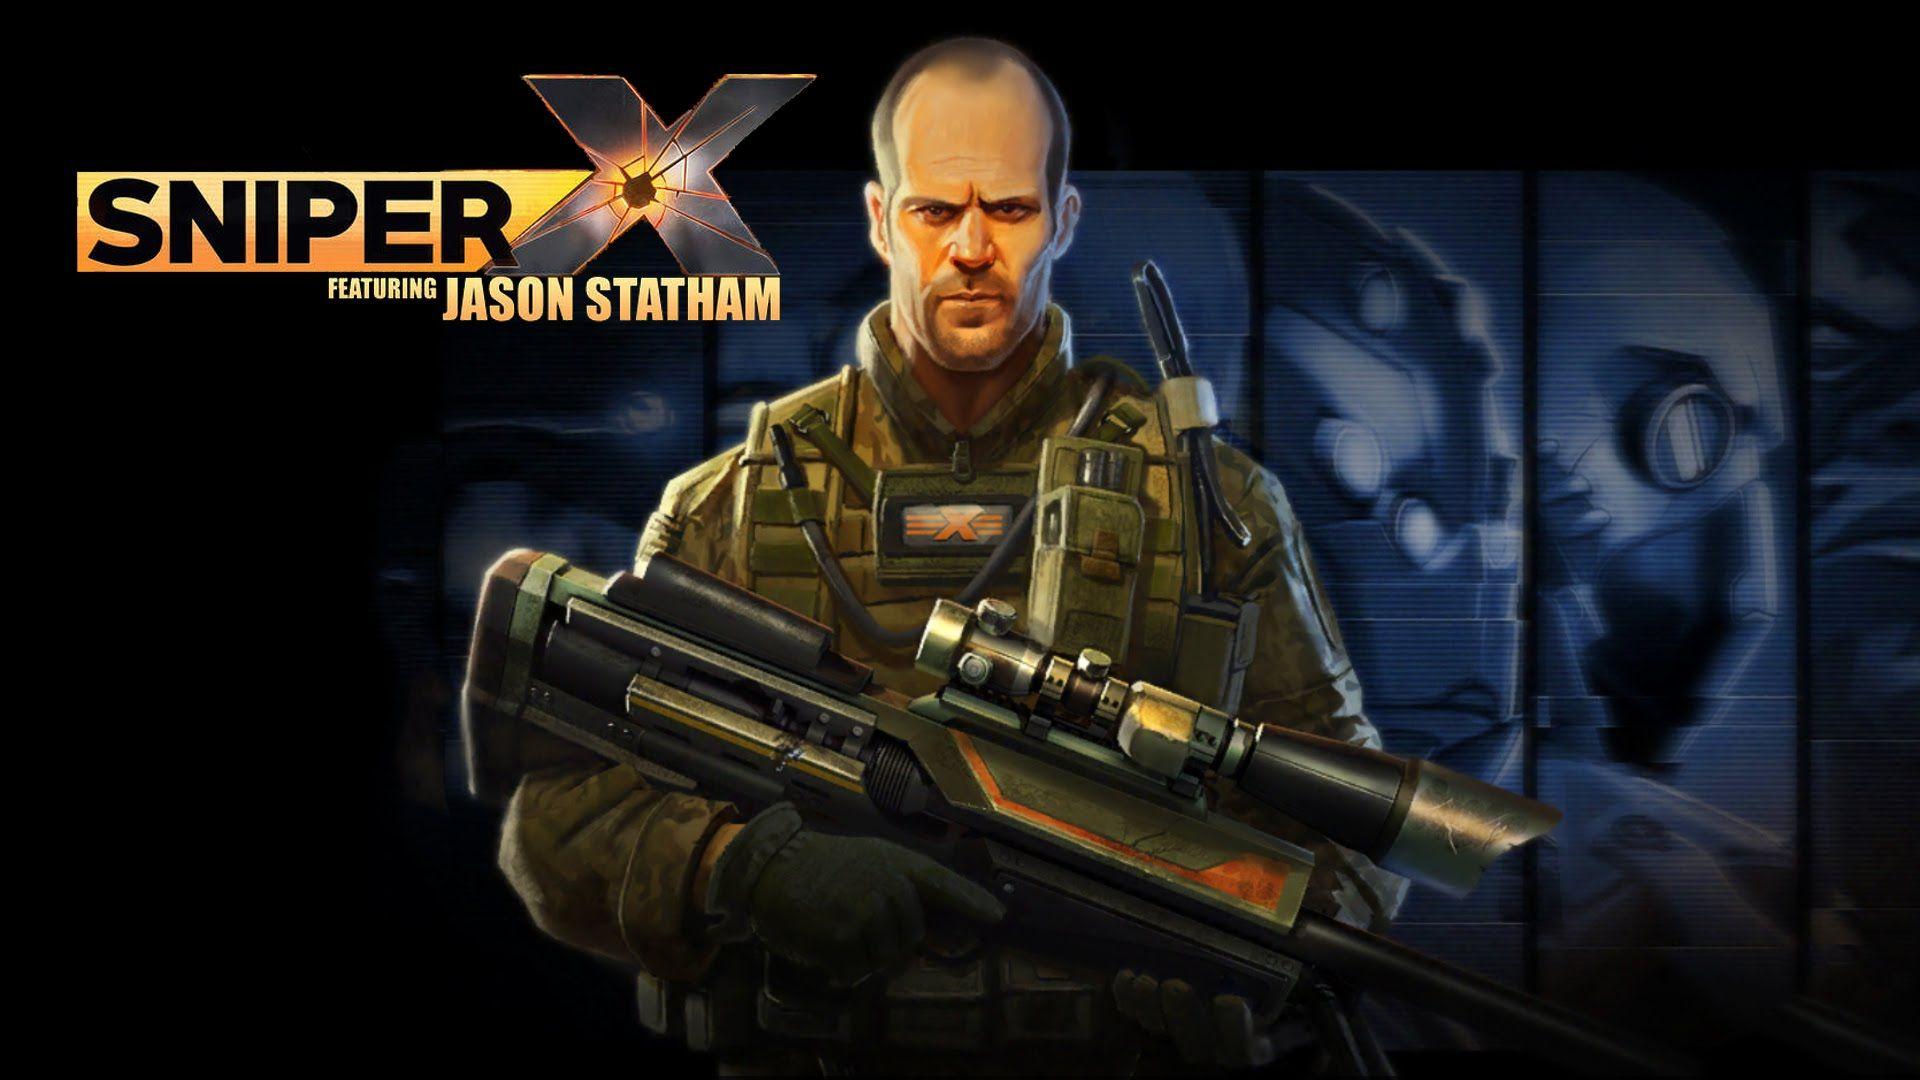 Descargar Sniper X With Jason Statham V1 6 0 Android Apk Hack Mod Jason Statham Francotirador Partes De La Misa